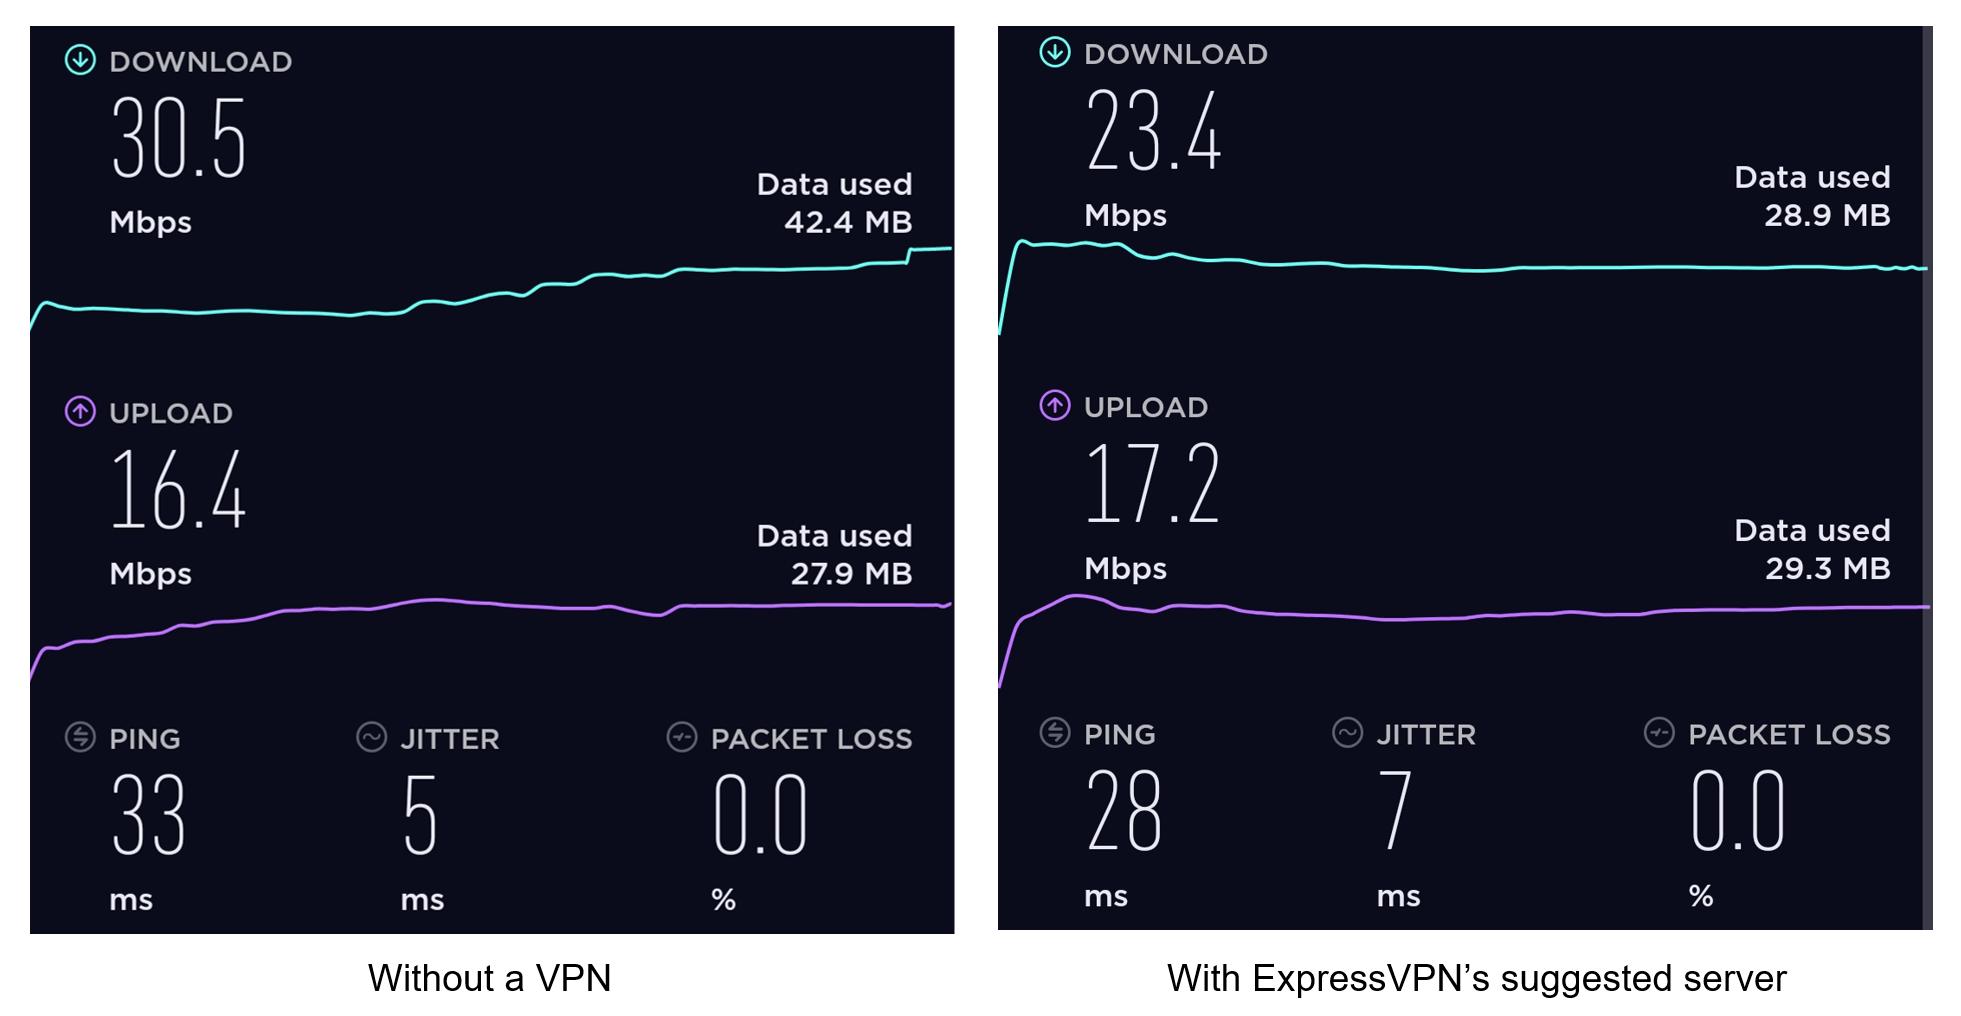 ExpressVPN connection speed test